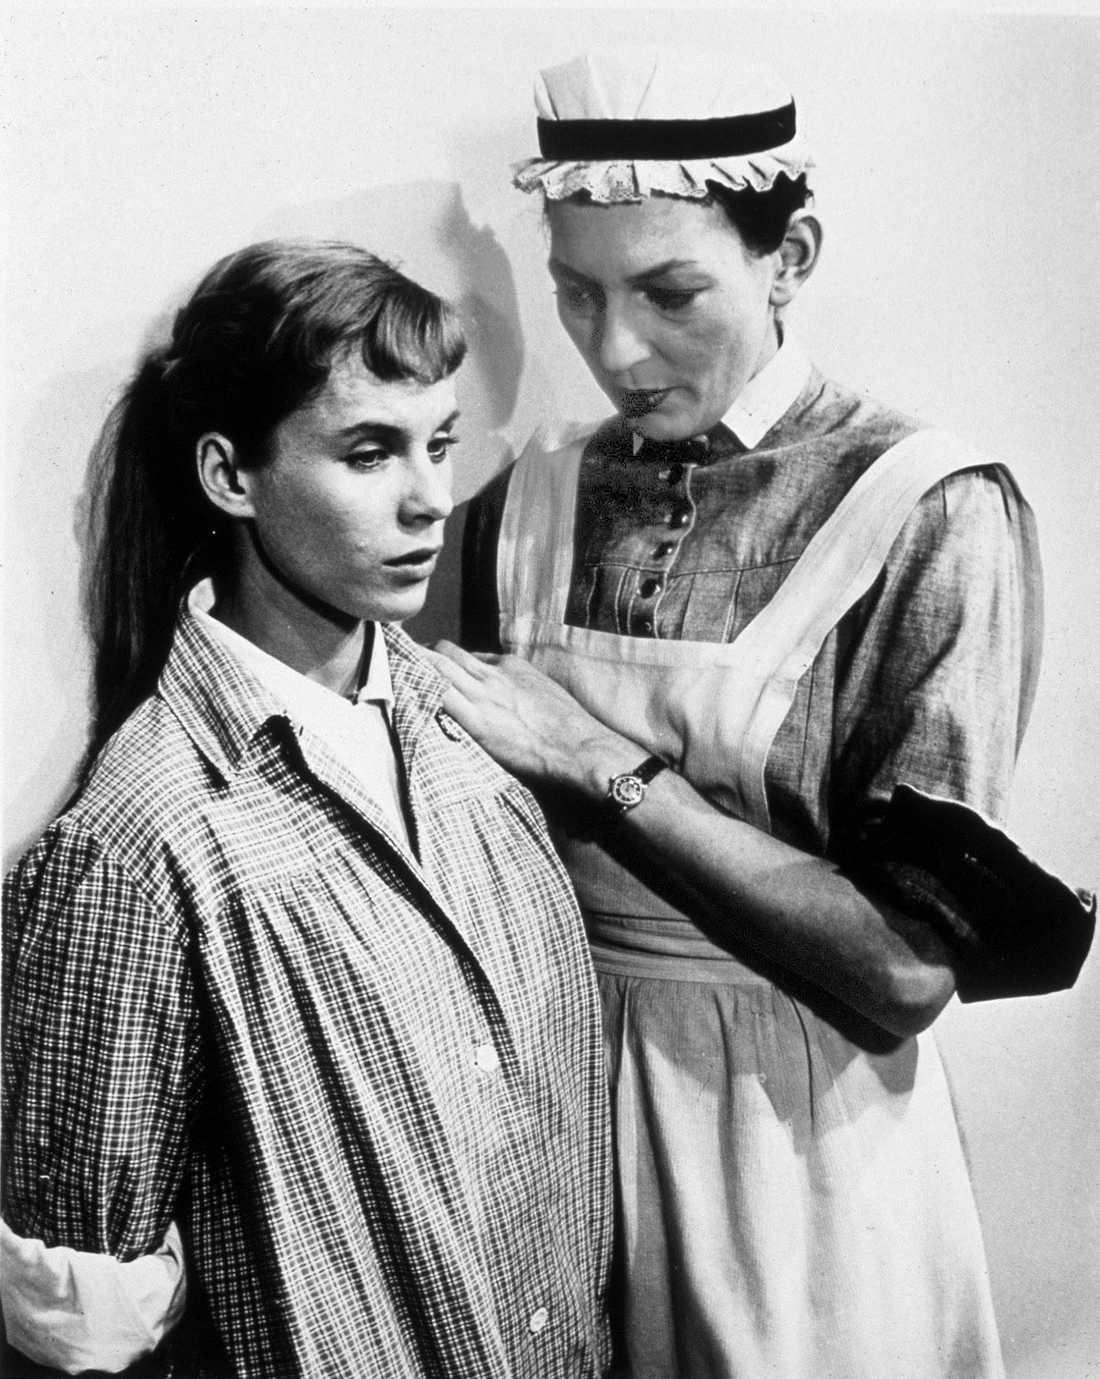 """Barbro Hiort af Ornäs i rollen som syster Brita tillsammans med Bibi Andersson i Ingmar Bergmans film """"Nära livet"""" från 1958."""